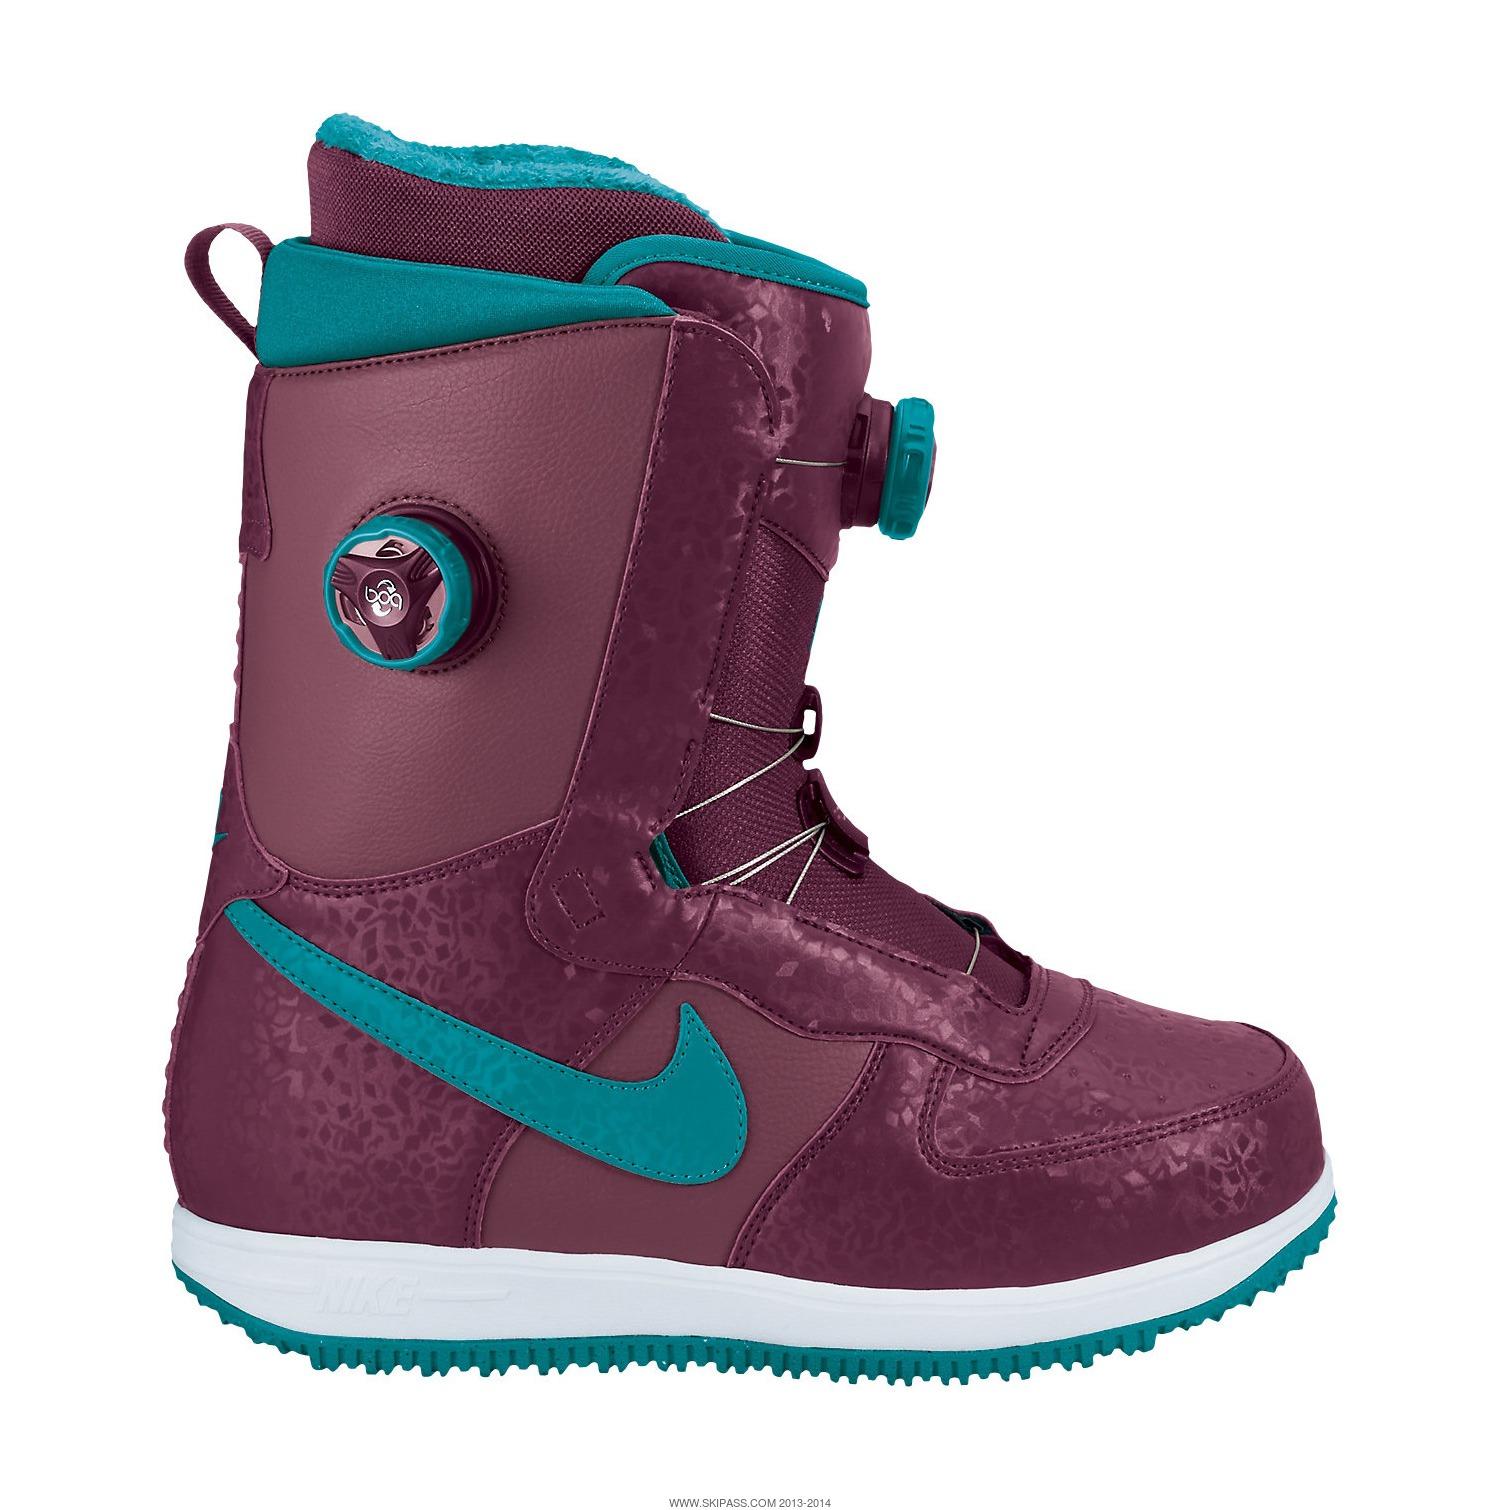 Nike - Zoom Force 1 X Boa 2014